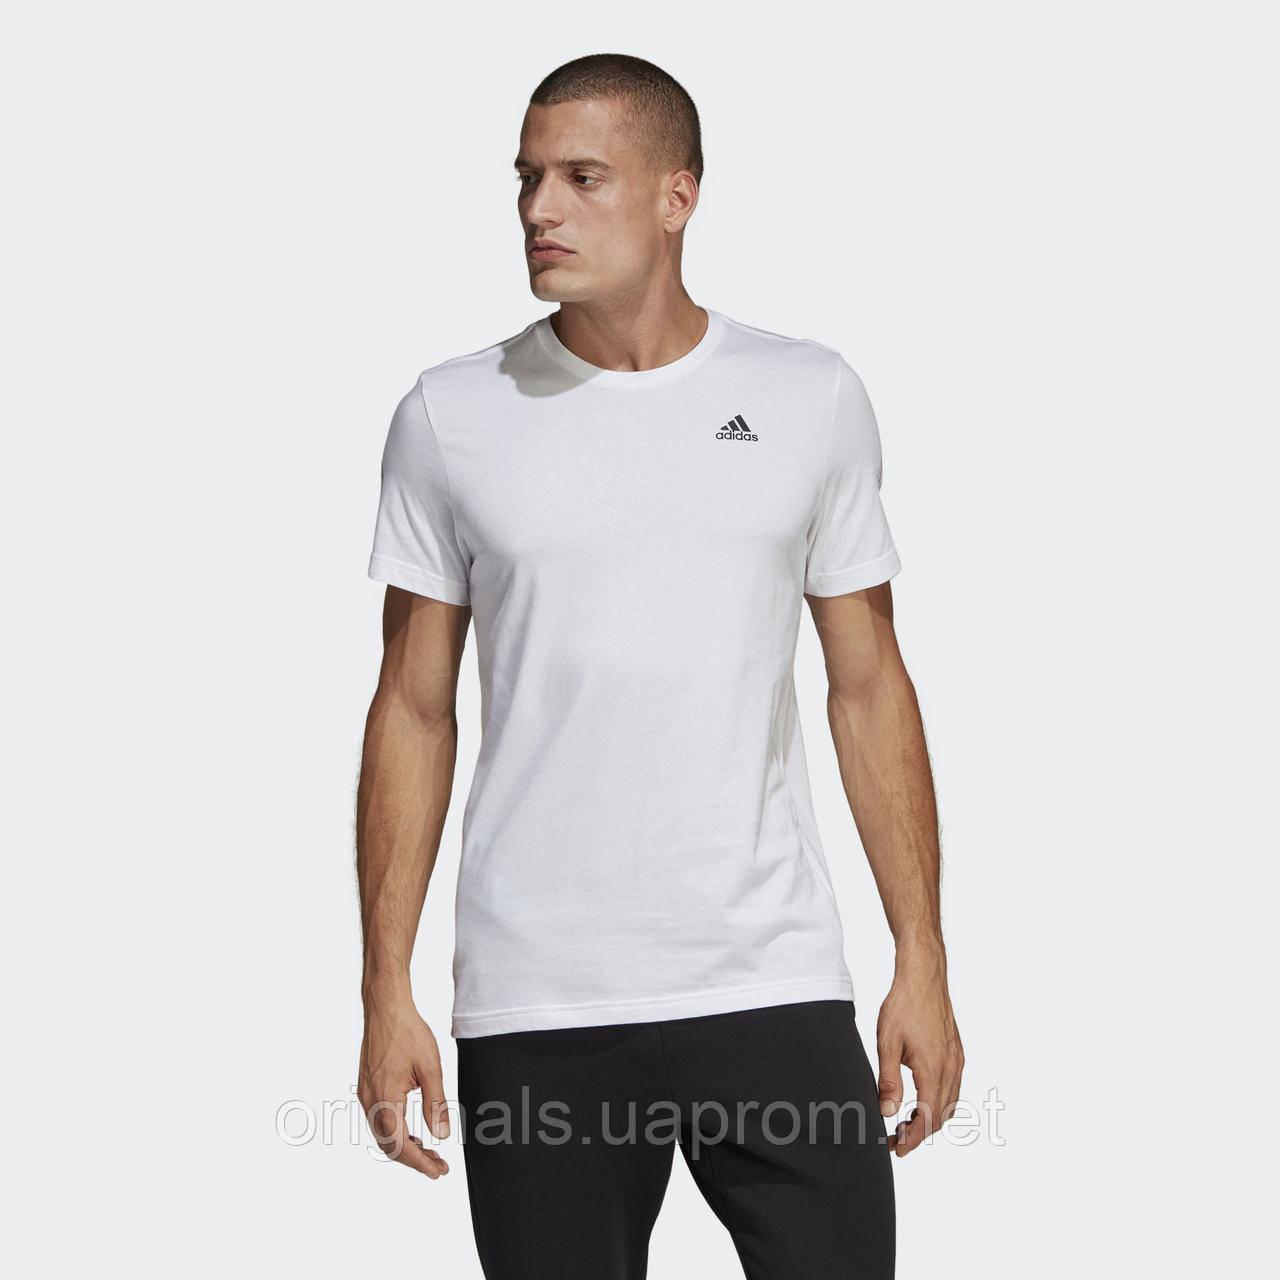 Спортивная футболка Adidas Sport ID 360 DV3070